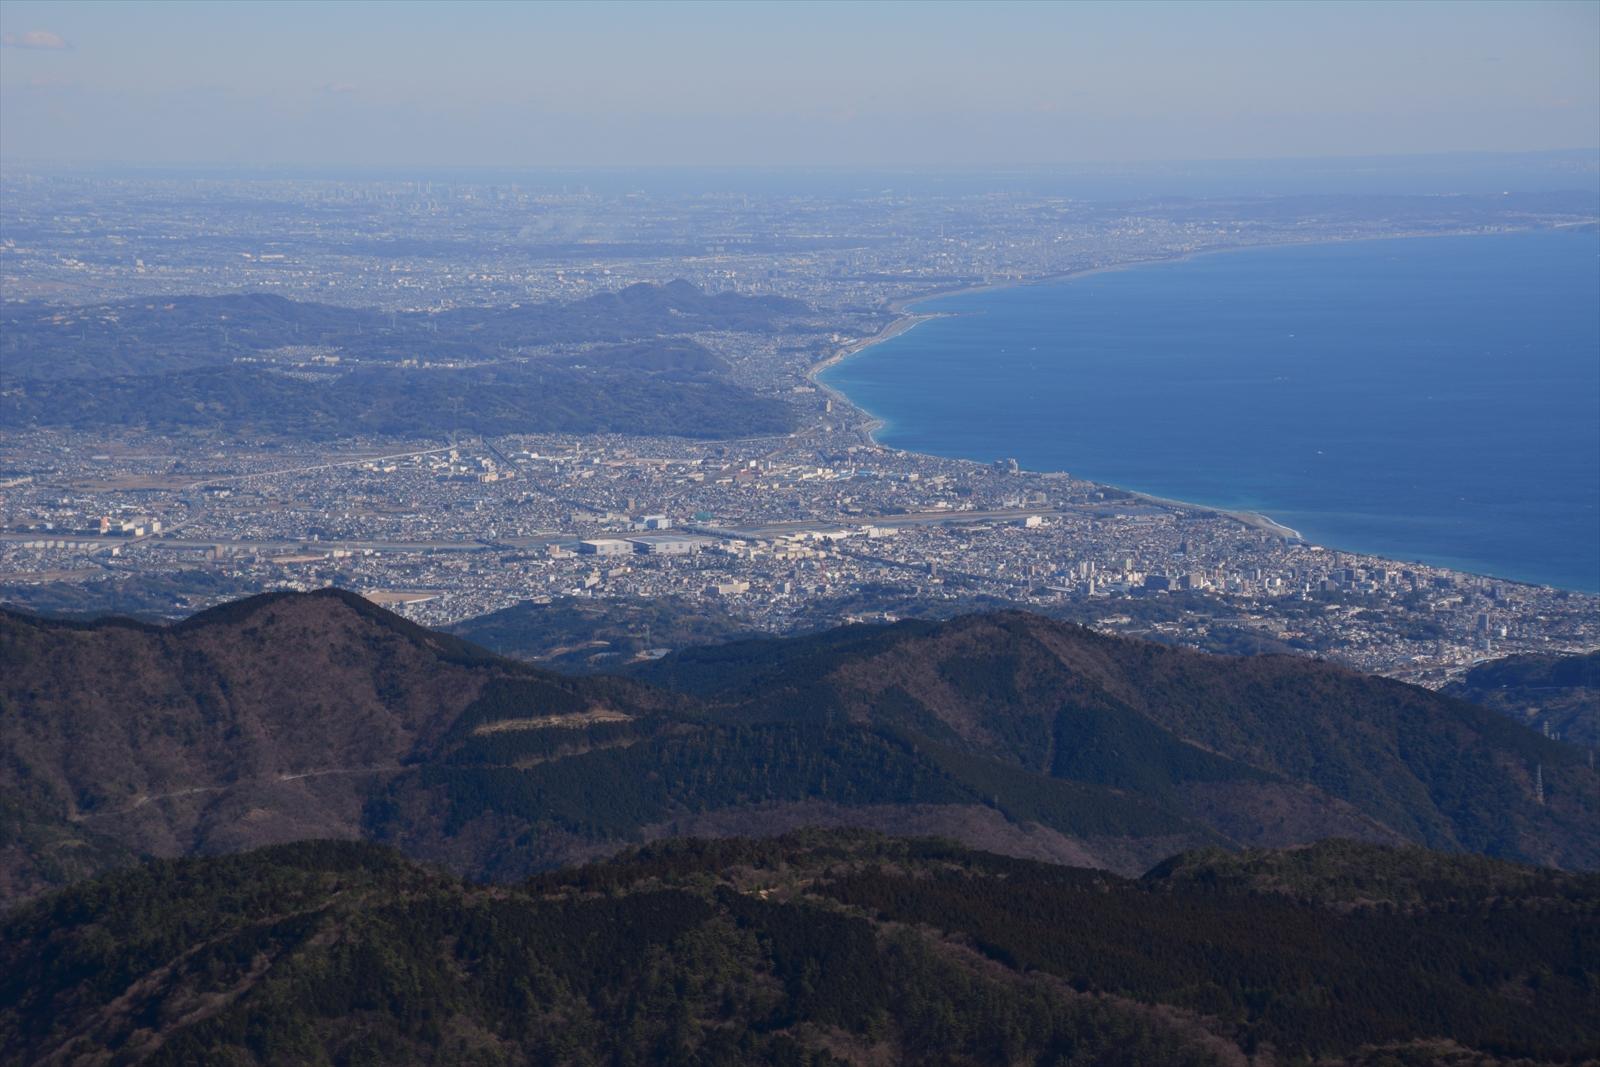 箱根駒ヶ岳山頂から見た小田原市